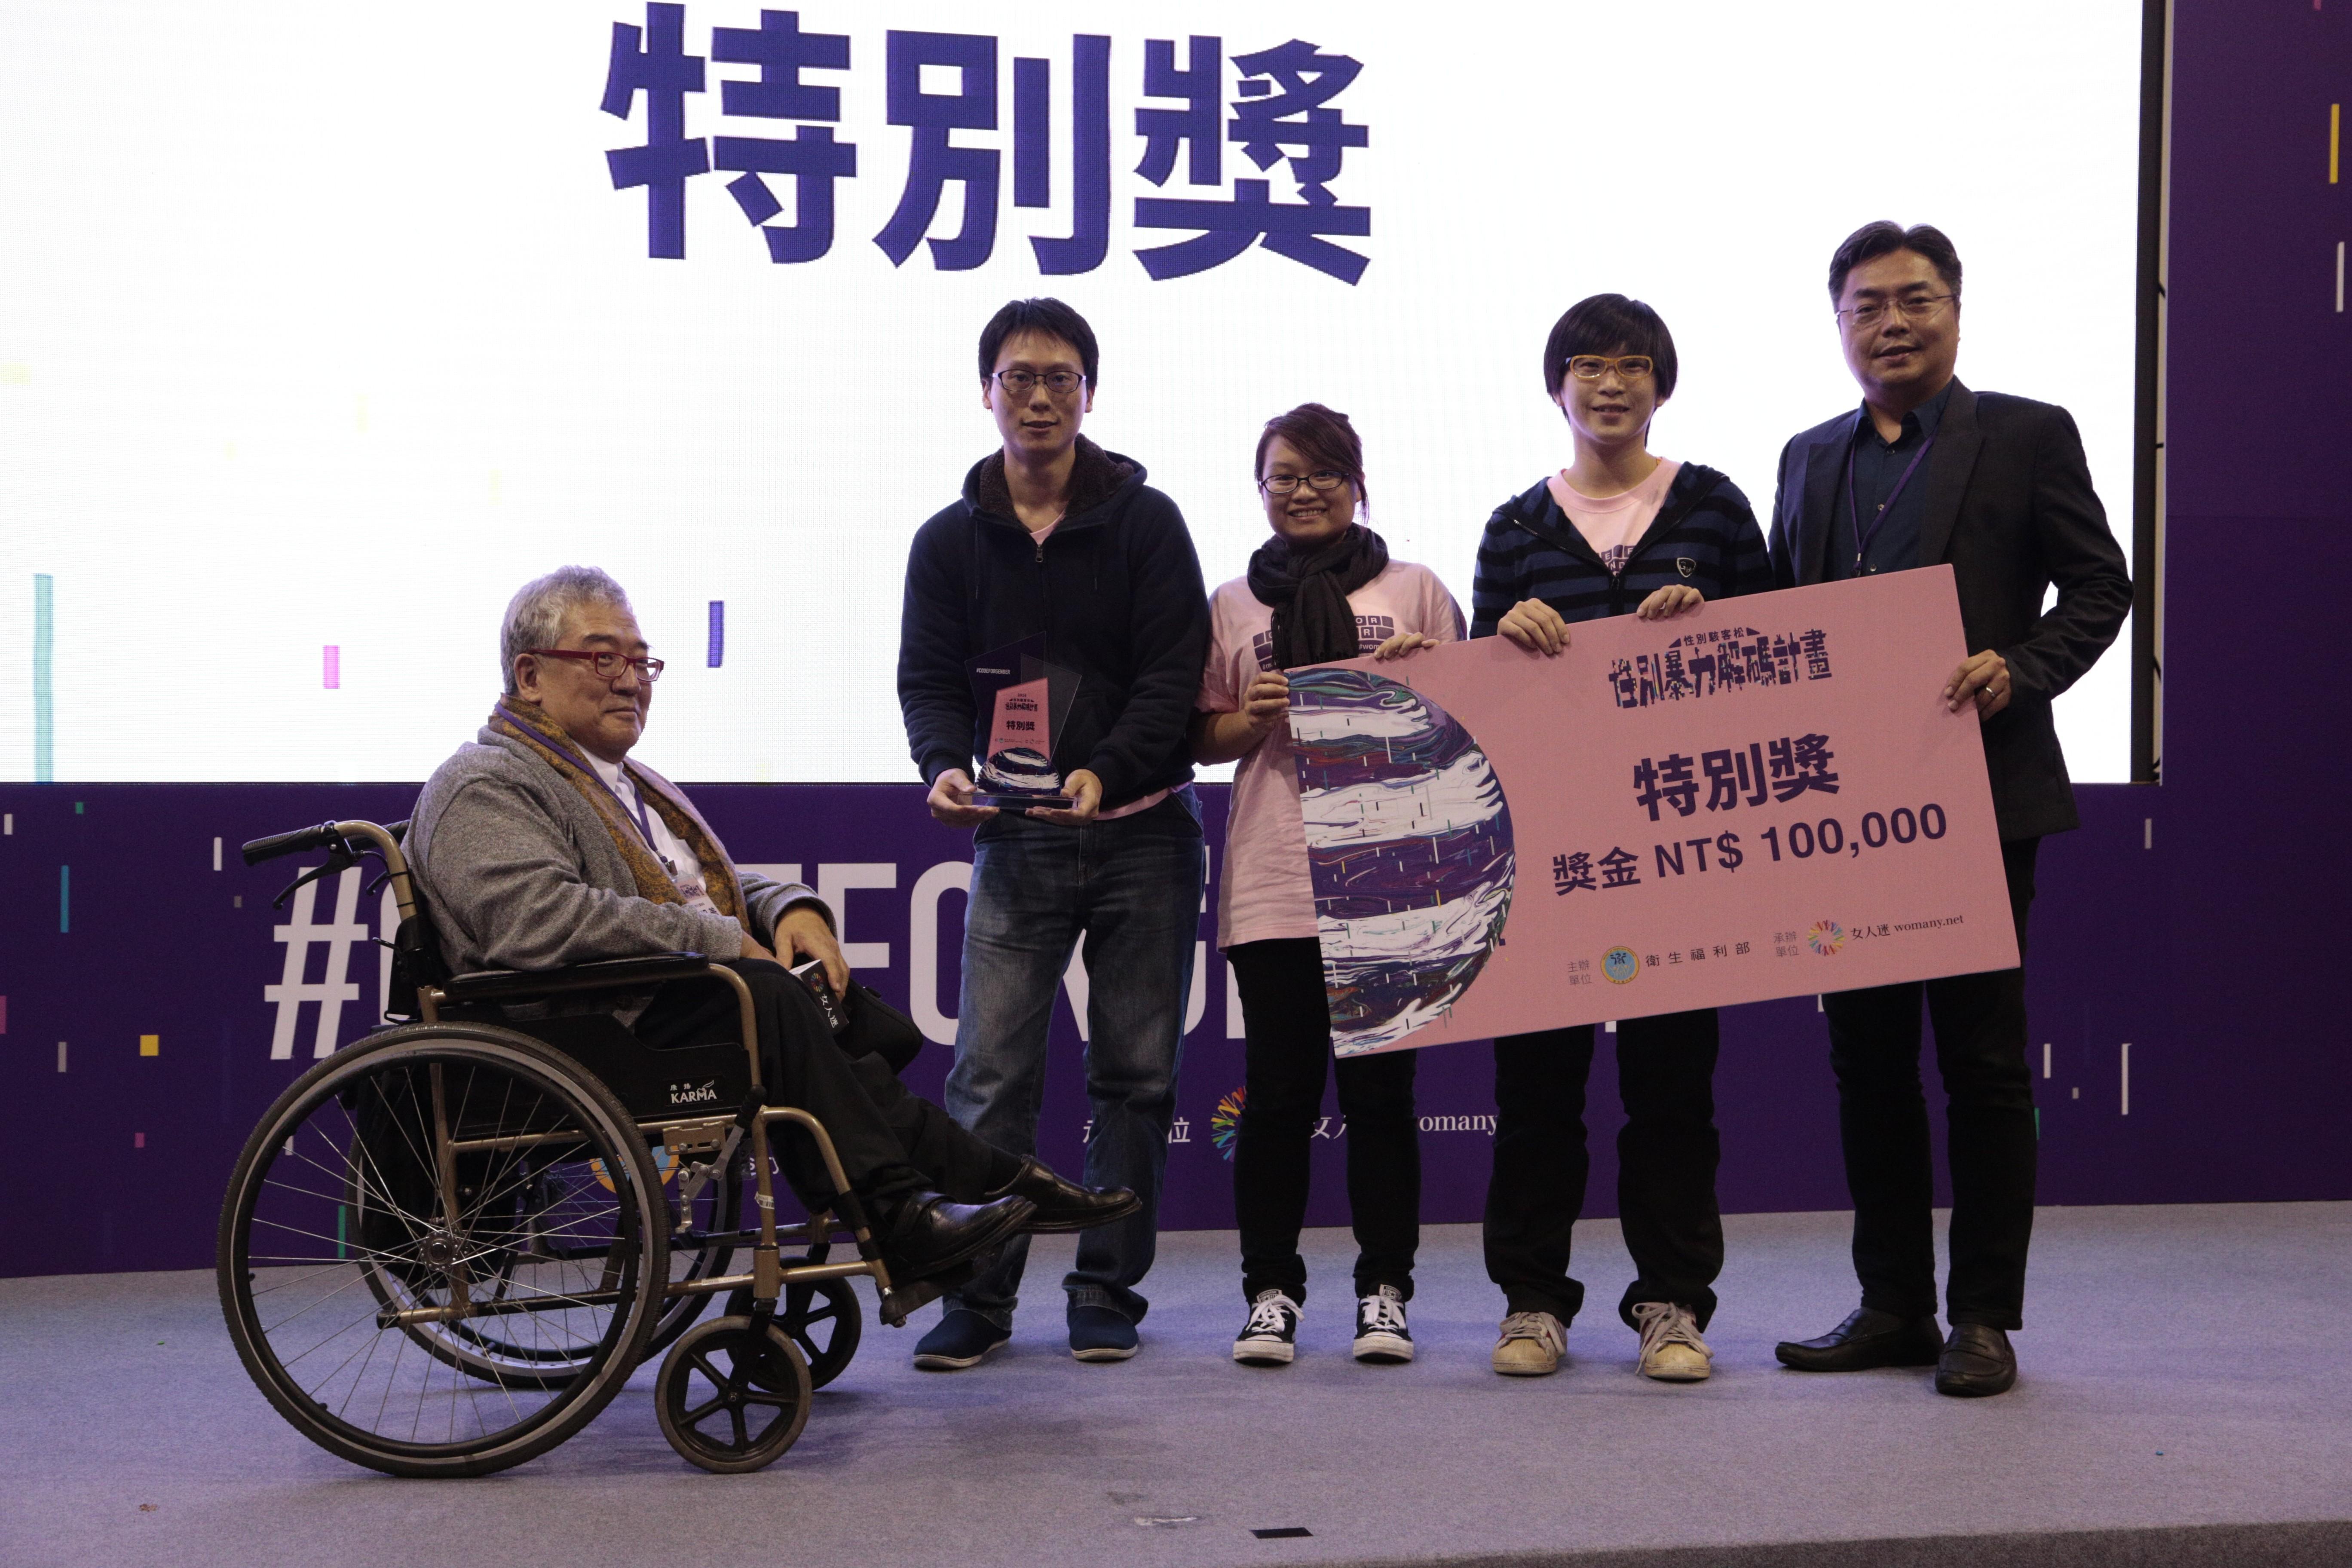 (左一)大塊文化郝明義董事長與 (右一)微軟公共暨法律事務部施立成總經理聯手頒發人氣特別獎